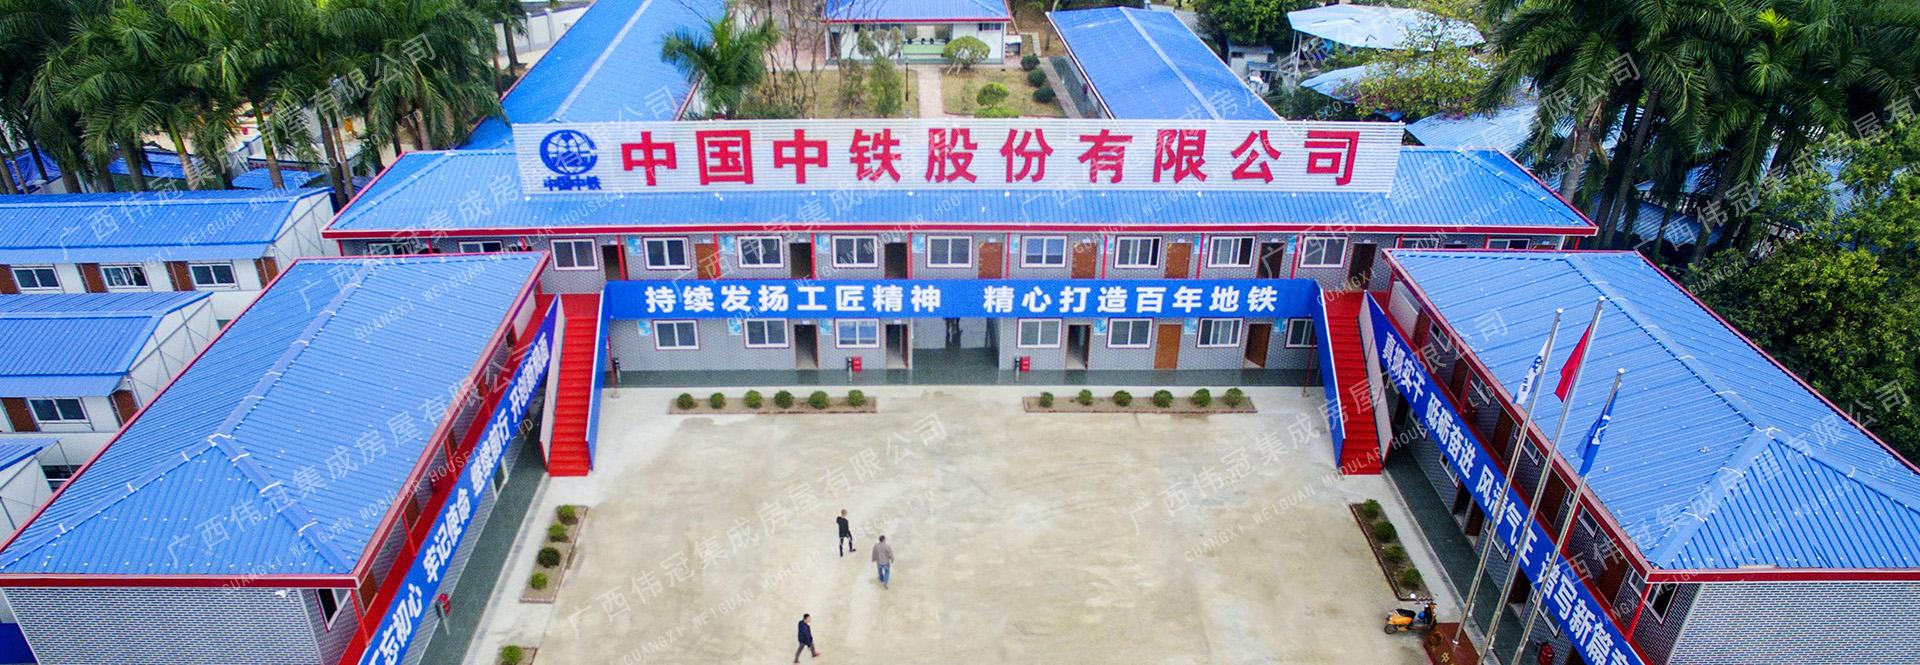 中铁广州局南宁地铁五号线项目部